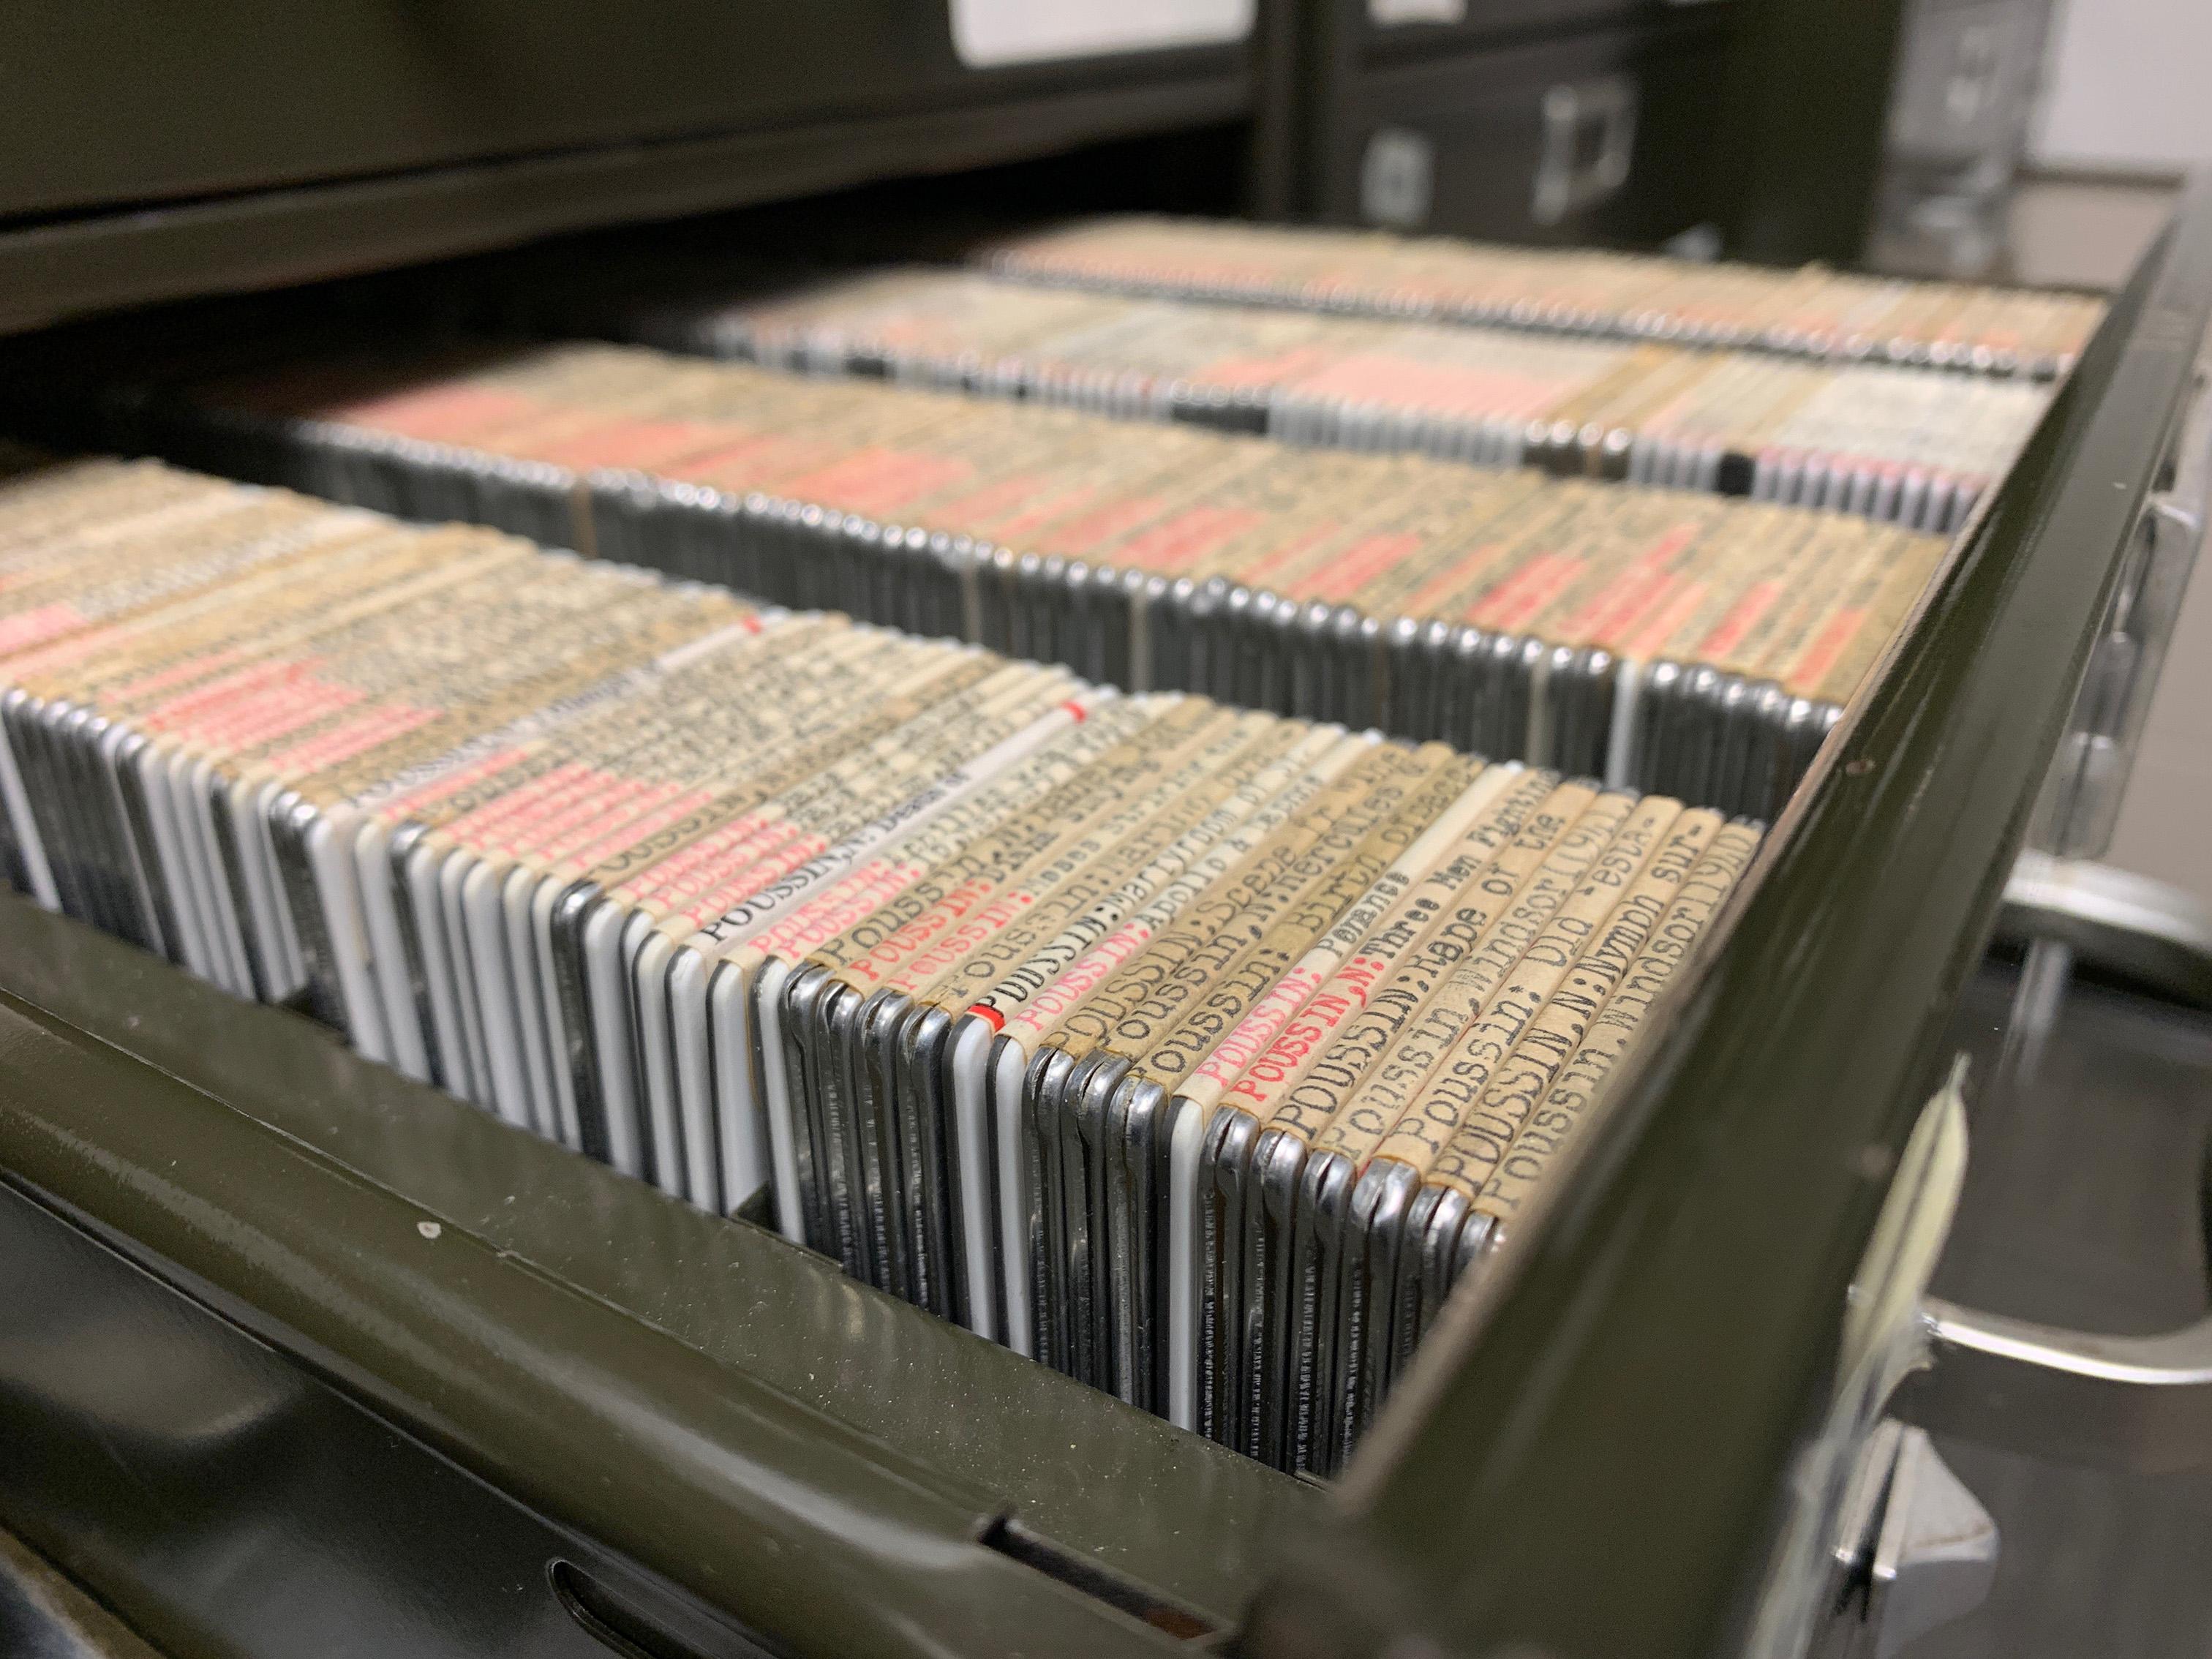 35mm slide drawer open